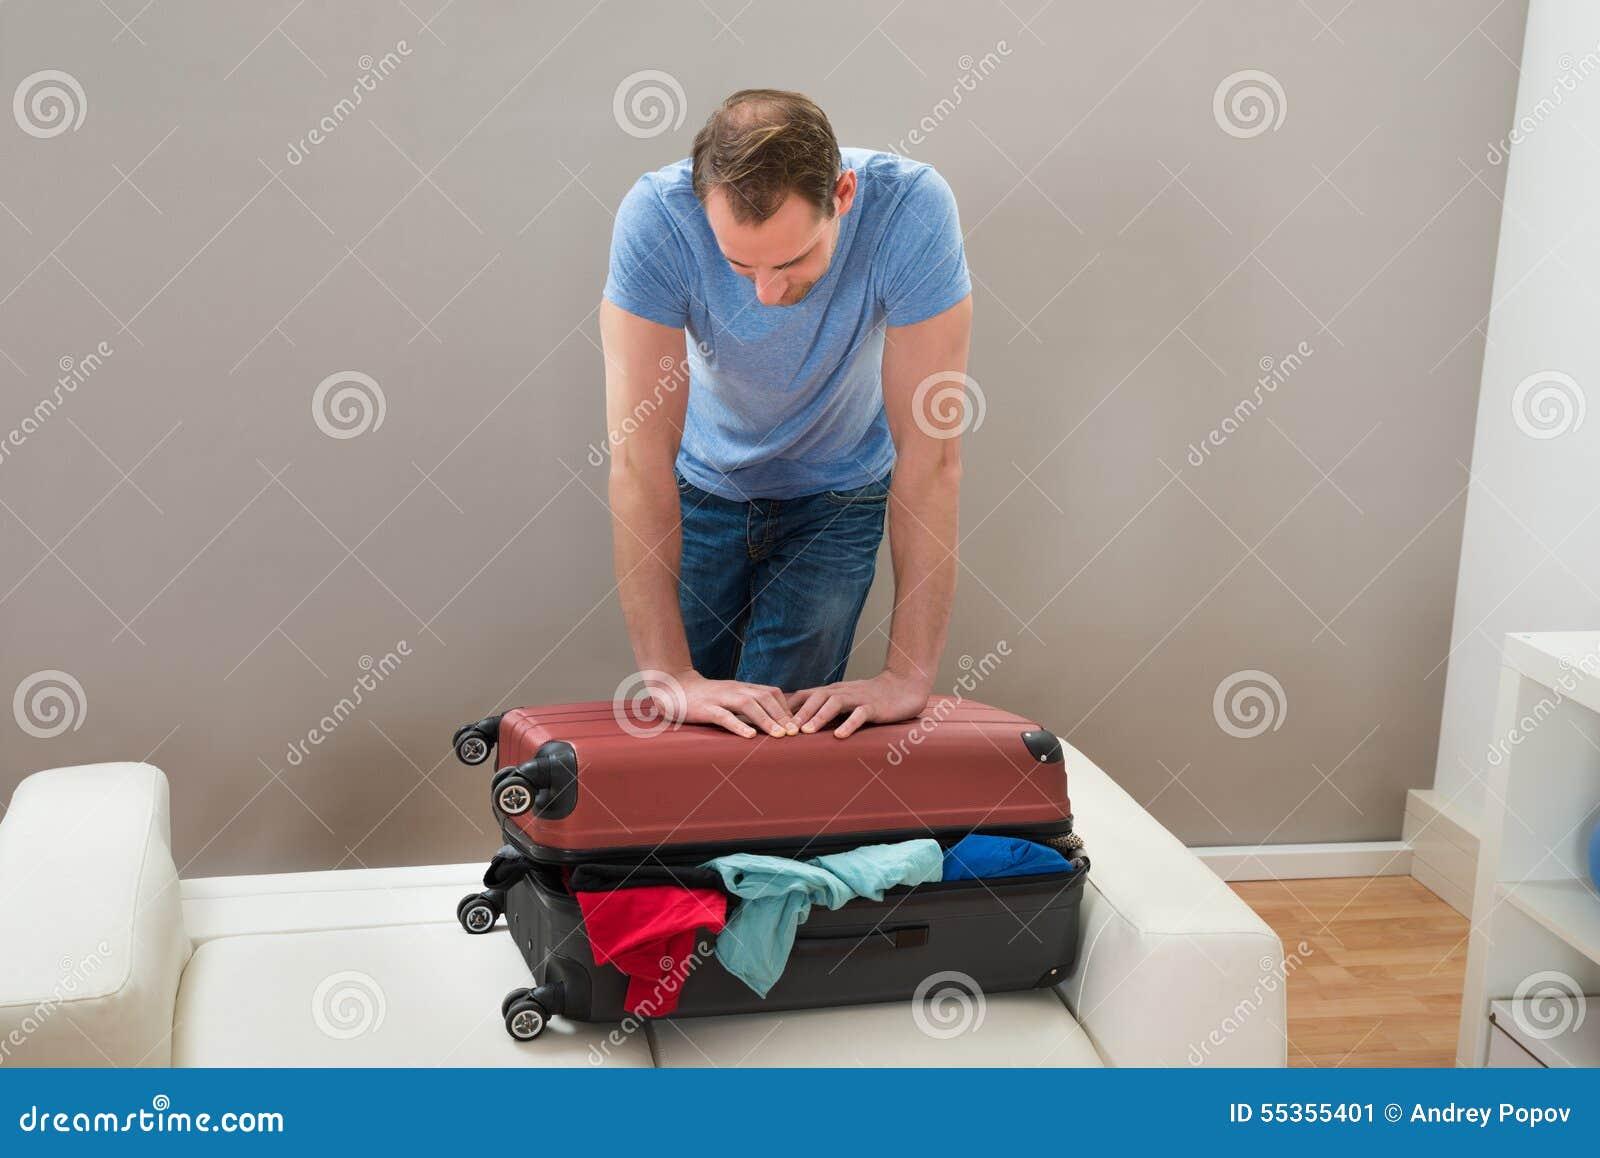 Uomo che prova a chiudere valigia